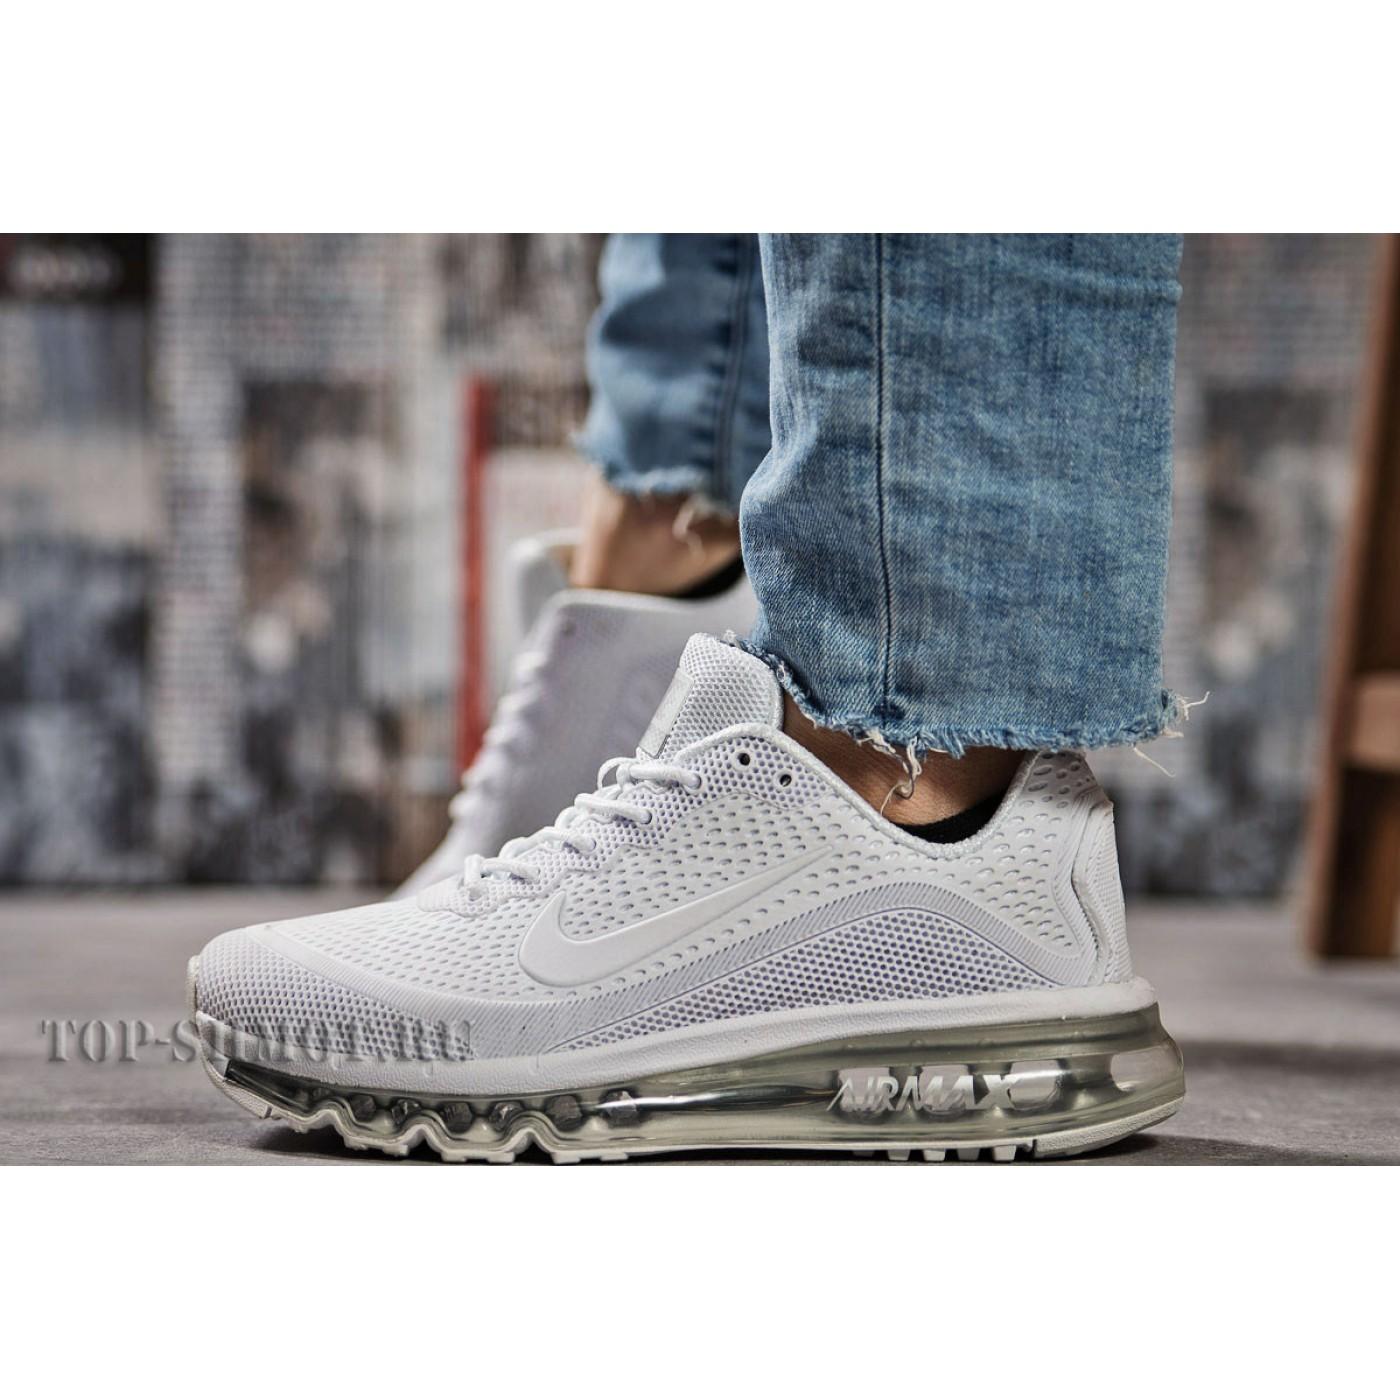 d0167cf1 Кроссовки женские Nike Air Max, белые (15503) размеры в наличии ▻ [ 37